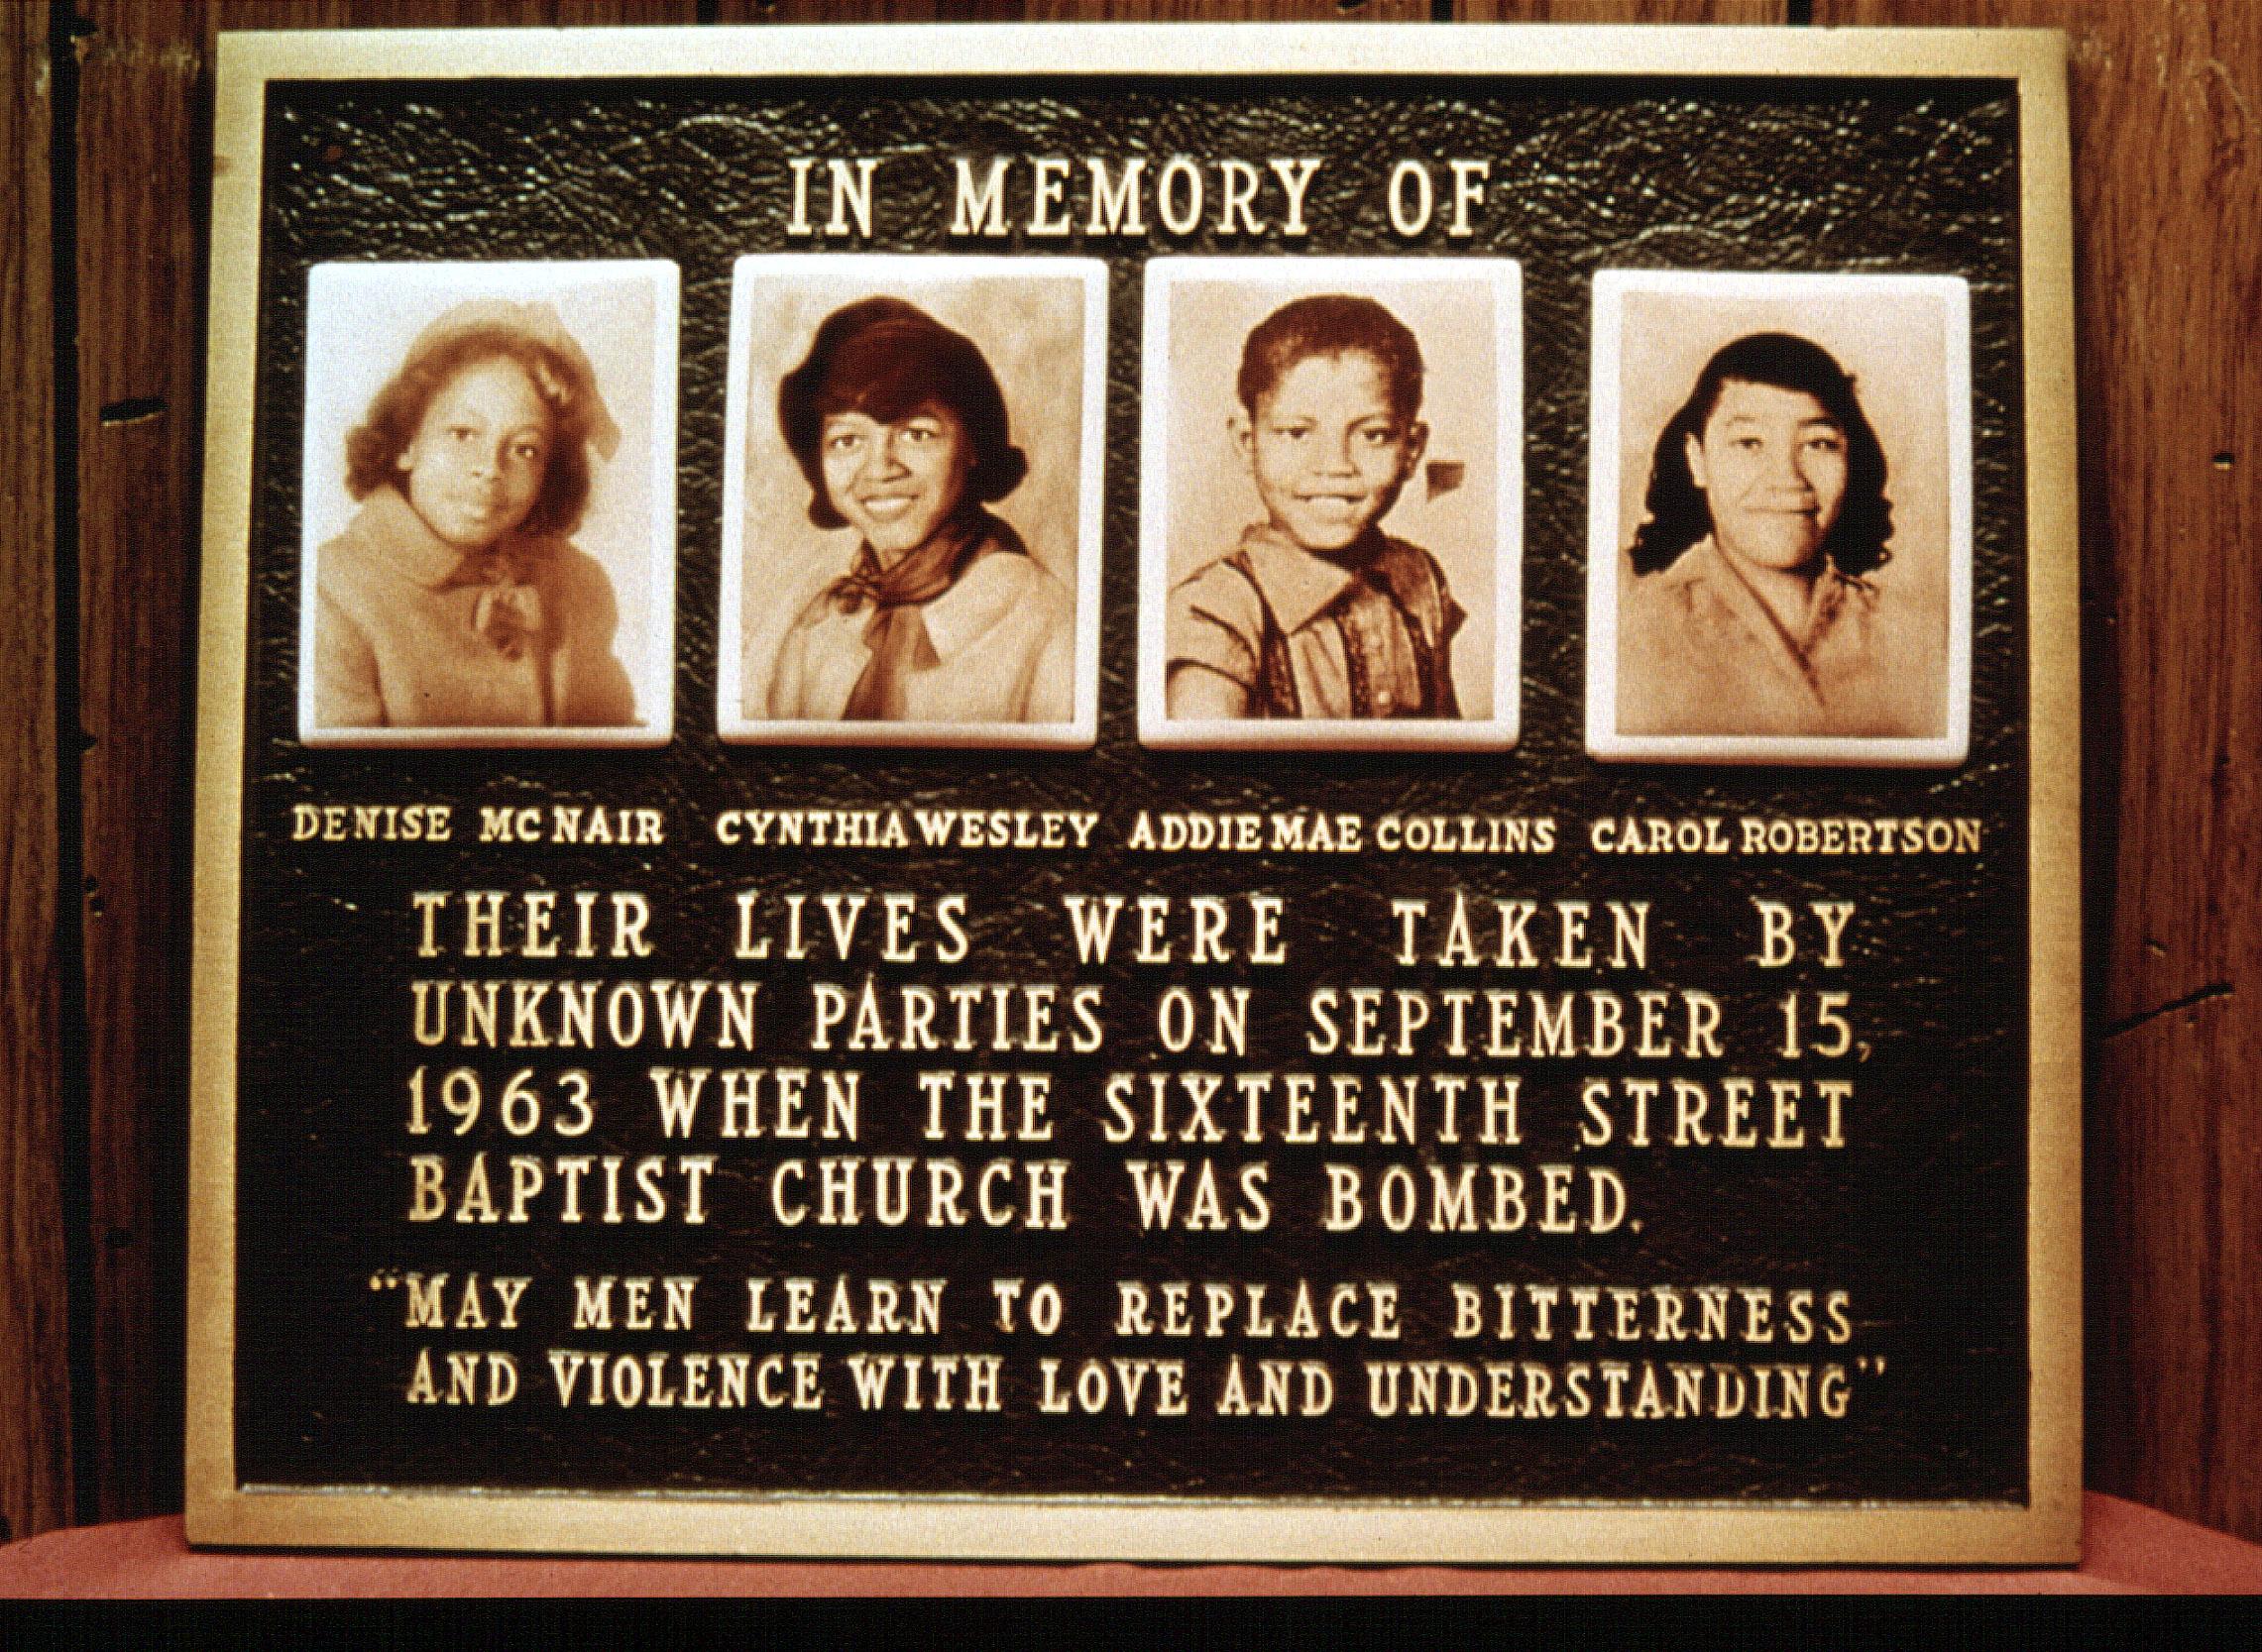 FOUR LITTLE GIRLS, Denise McNair, Cynthia Wesley, Addie Mae Collins, Carol Robertson, 1997